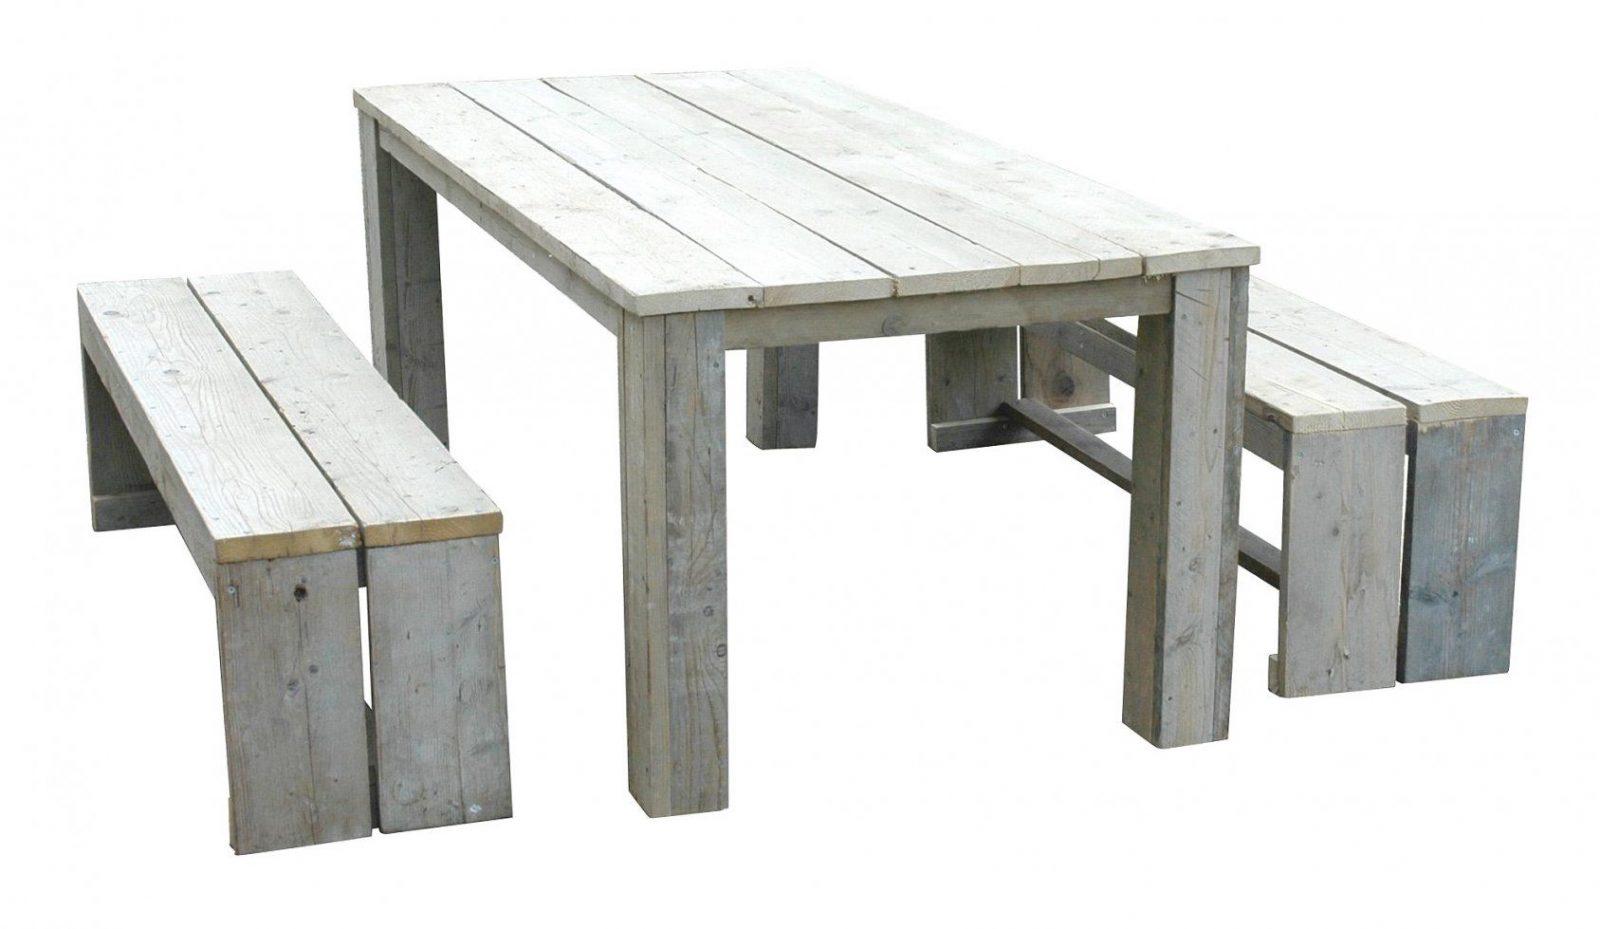 Möbel Aus Bauholz Selber Bauen  Harzite von Bauholz Möbel Selber Machen Photo